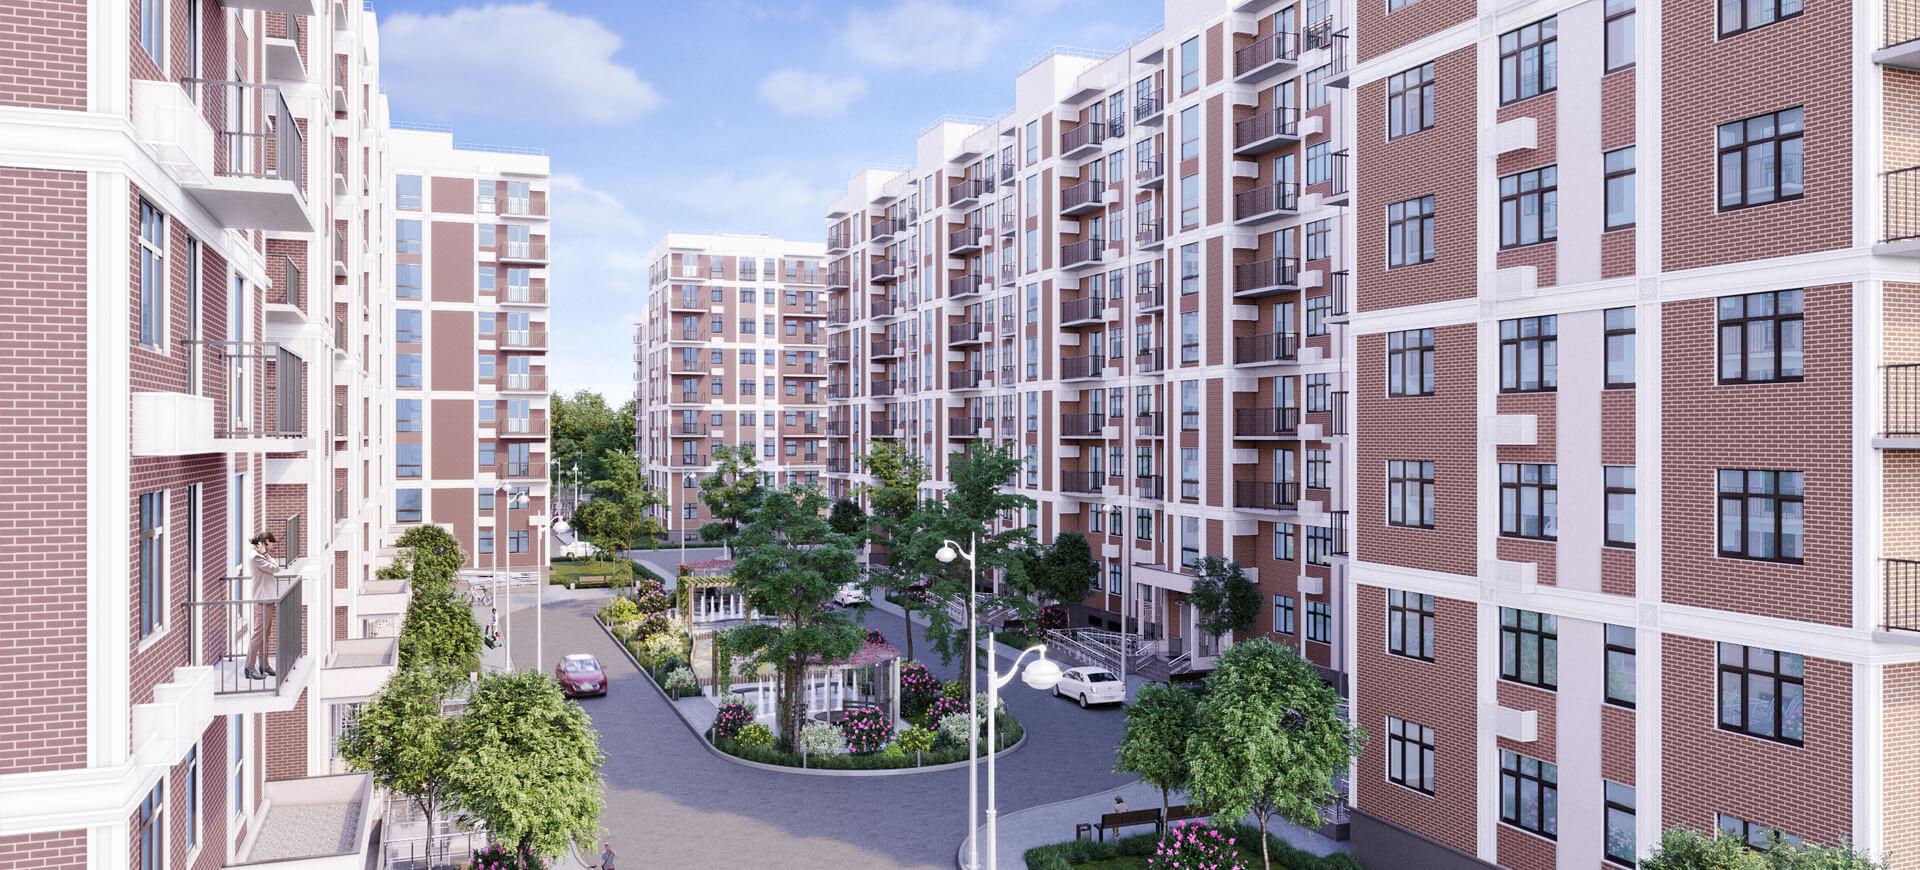 Жилой комплекс Assalom Sohil | Новостройки в Ташкенте